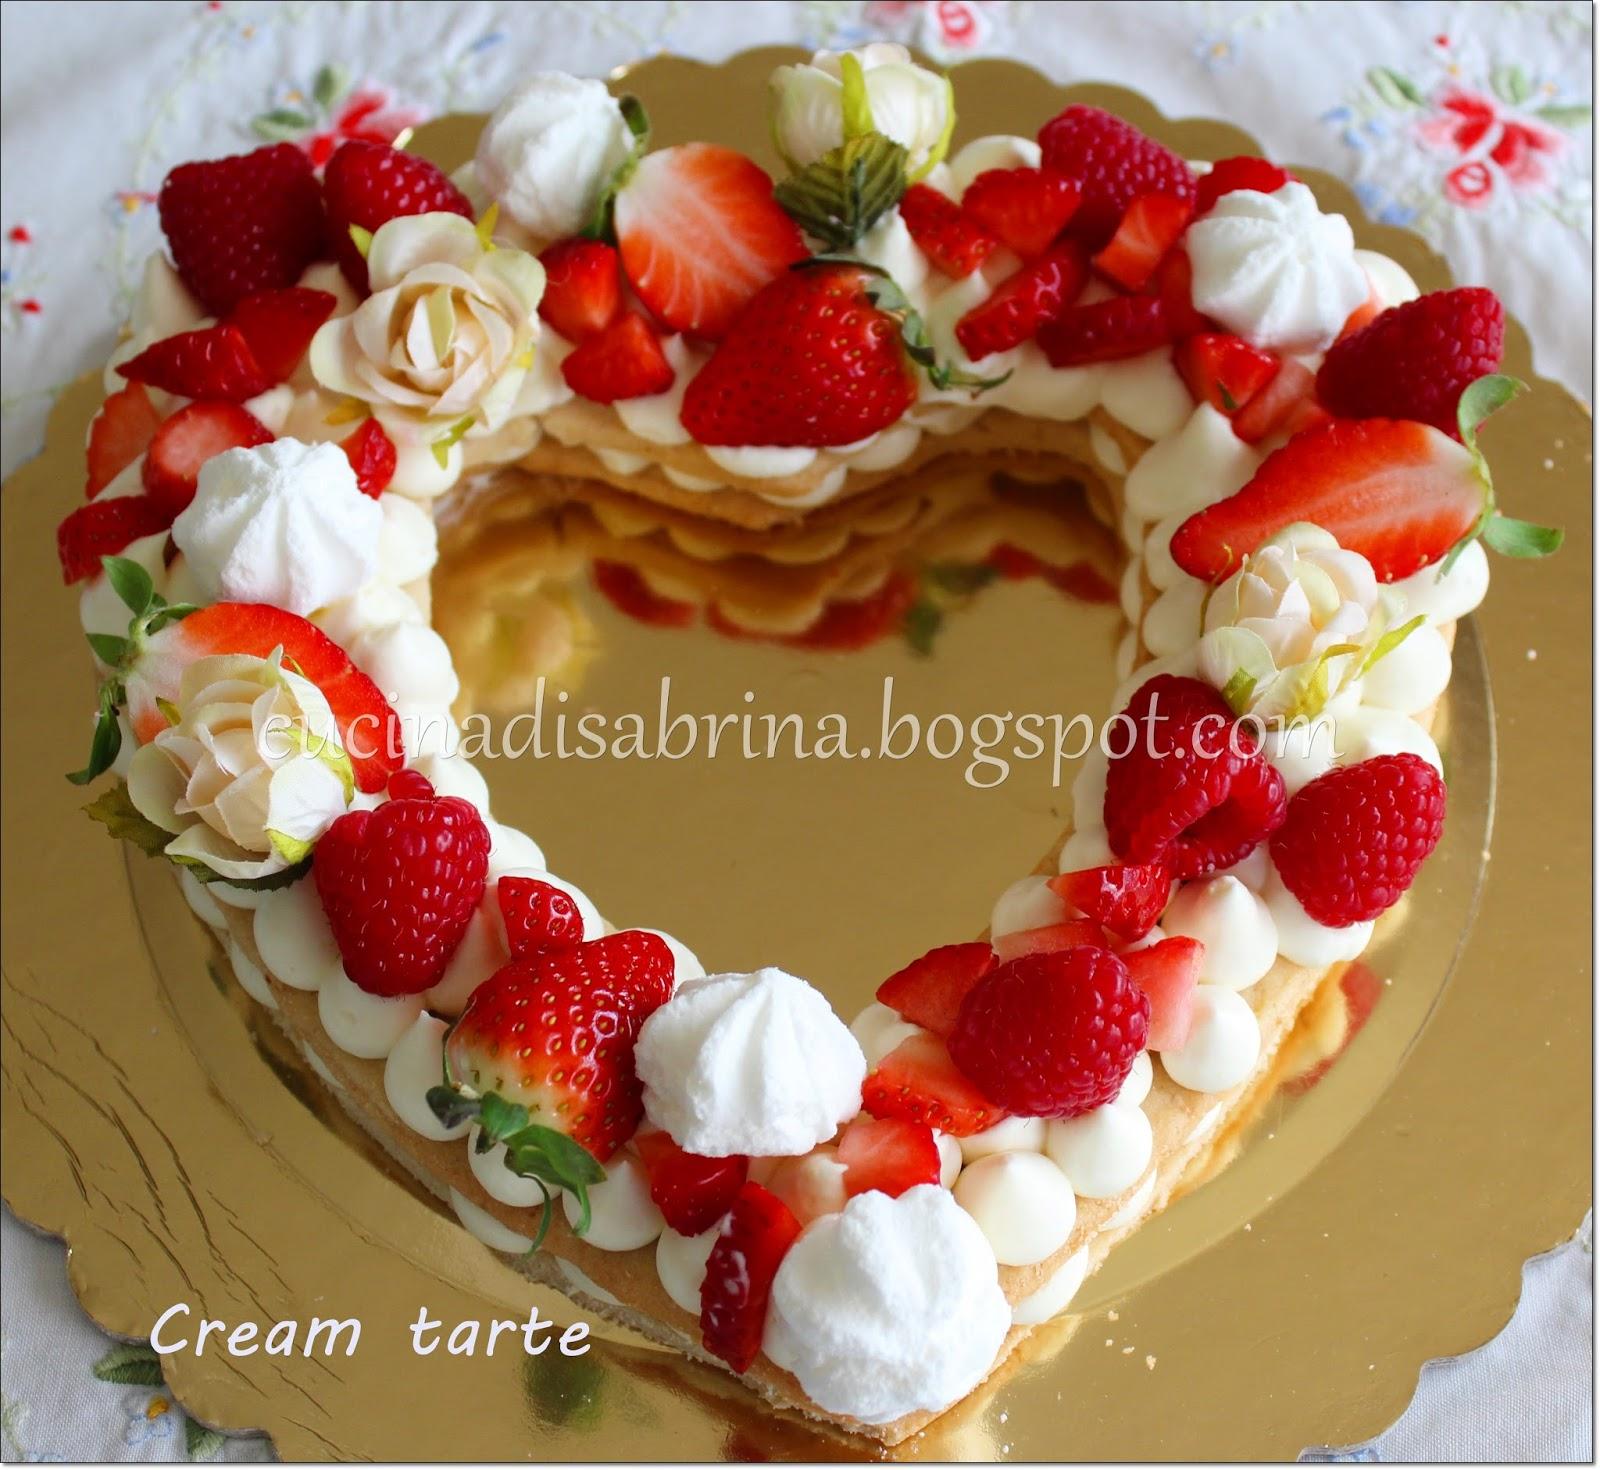 La cucina di sabrina la cream tarte a cuore - La cucina del cuore ...